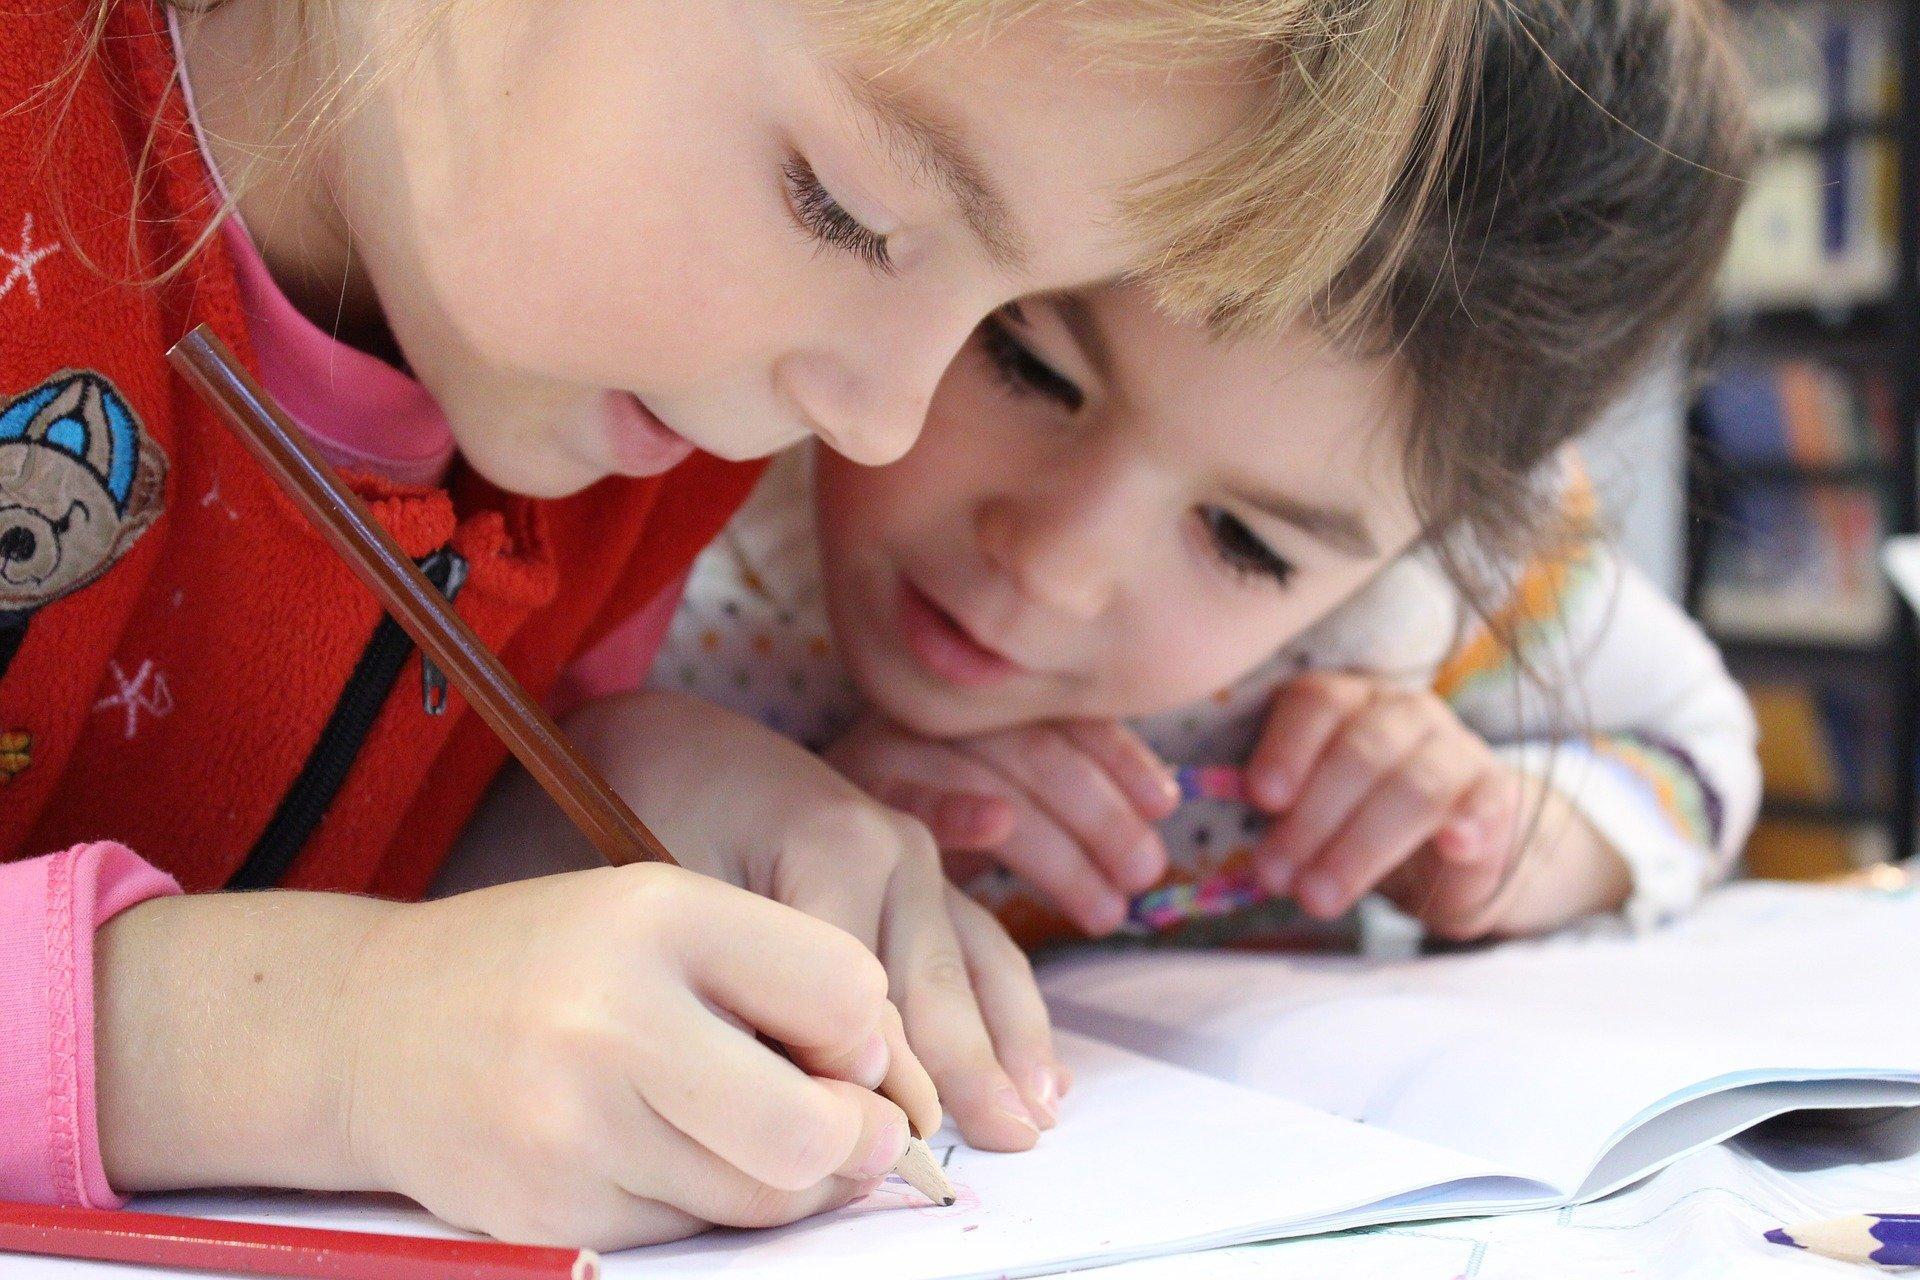 Bild Kinder malen, Quelle: Bild von klimkin auf Pixabay